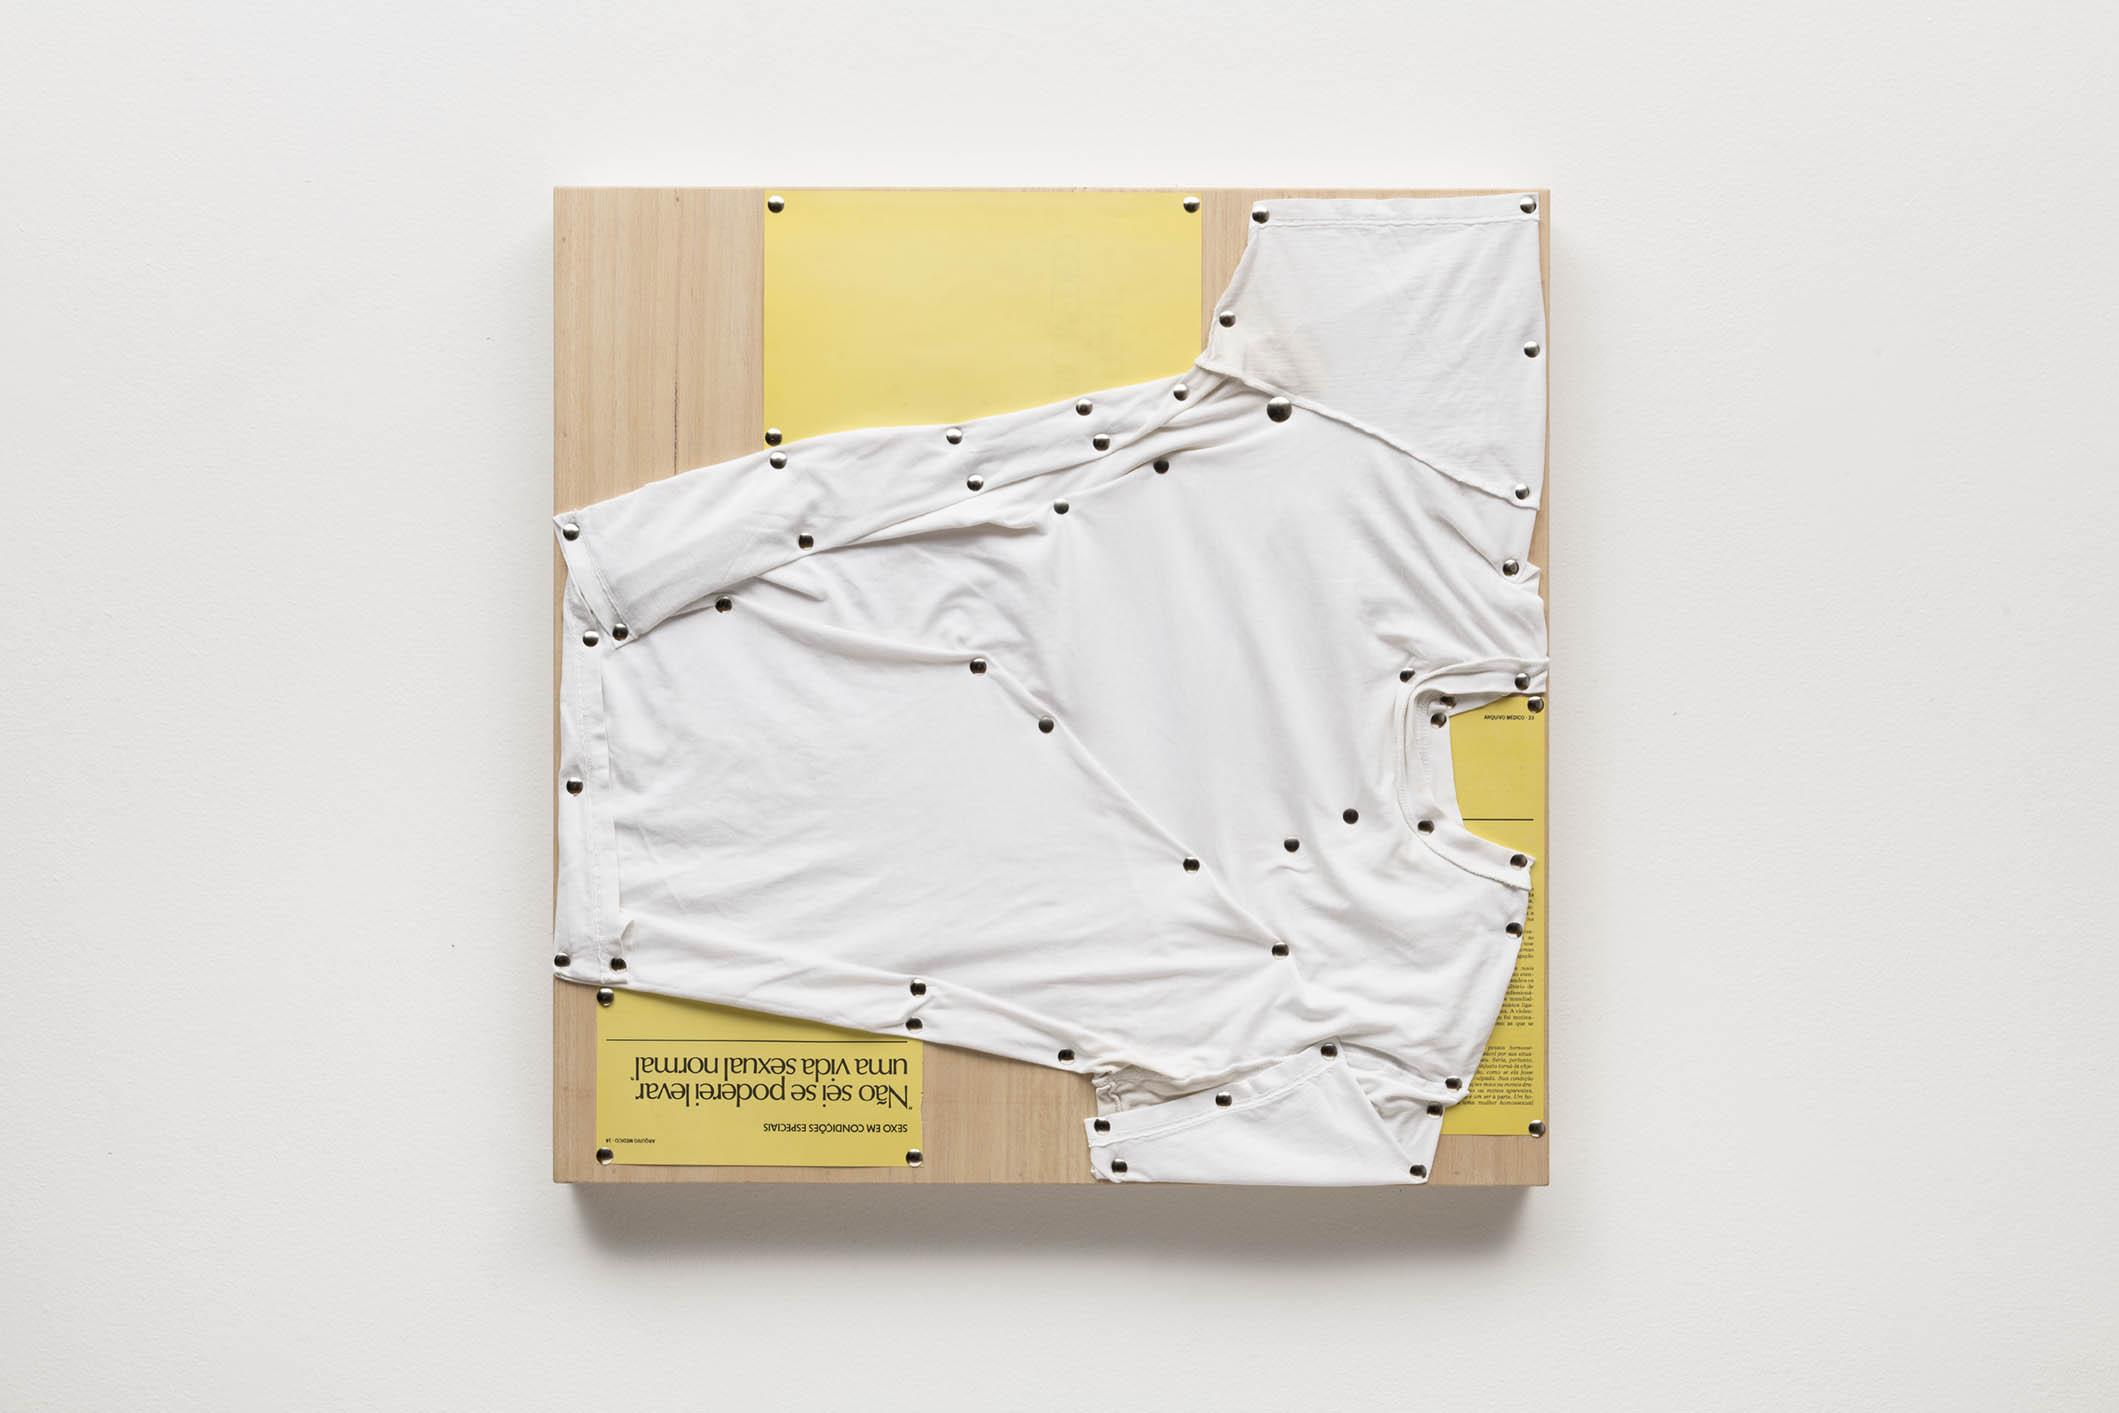 Spatial Constraints #4,, 2019   camiseta, páginas de livro e pinos de aço sobre madeira |  plywood, t-shirts, book pages, steel pushpins   61 x 61 x 5 cm | 24 x 24 x 2 in